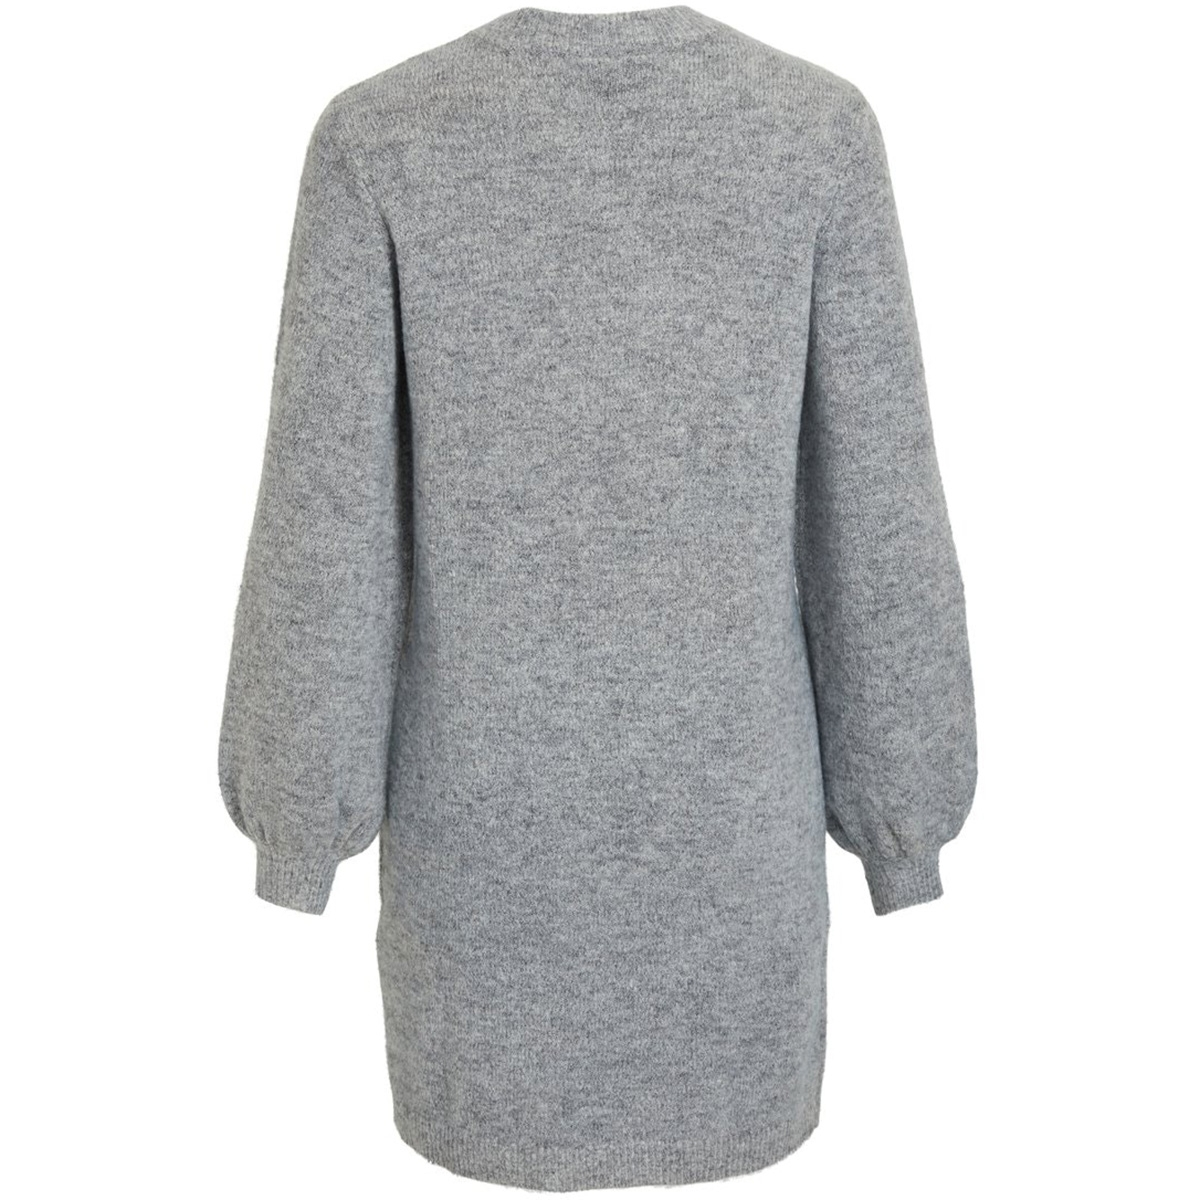 objeve nonsia l/s knit dress noos 23030170 object jurk light grey melange